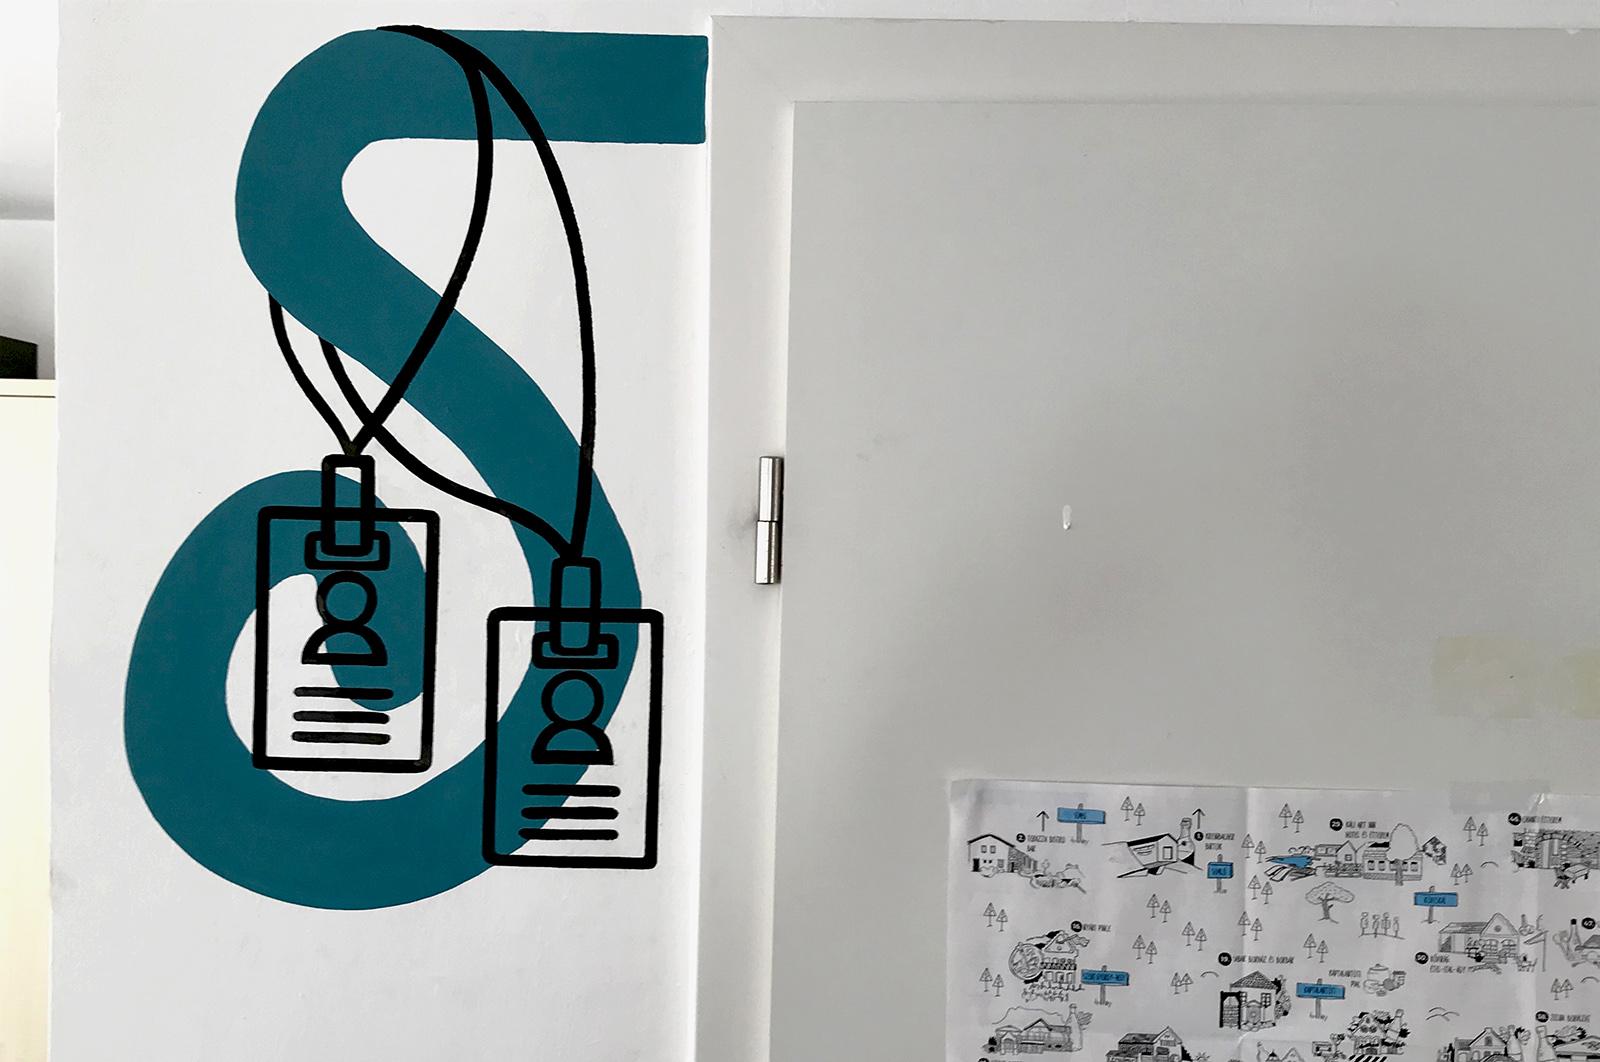 roxer iroda dekoráció - neopaint works